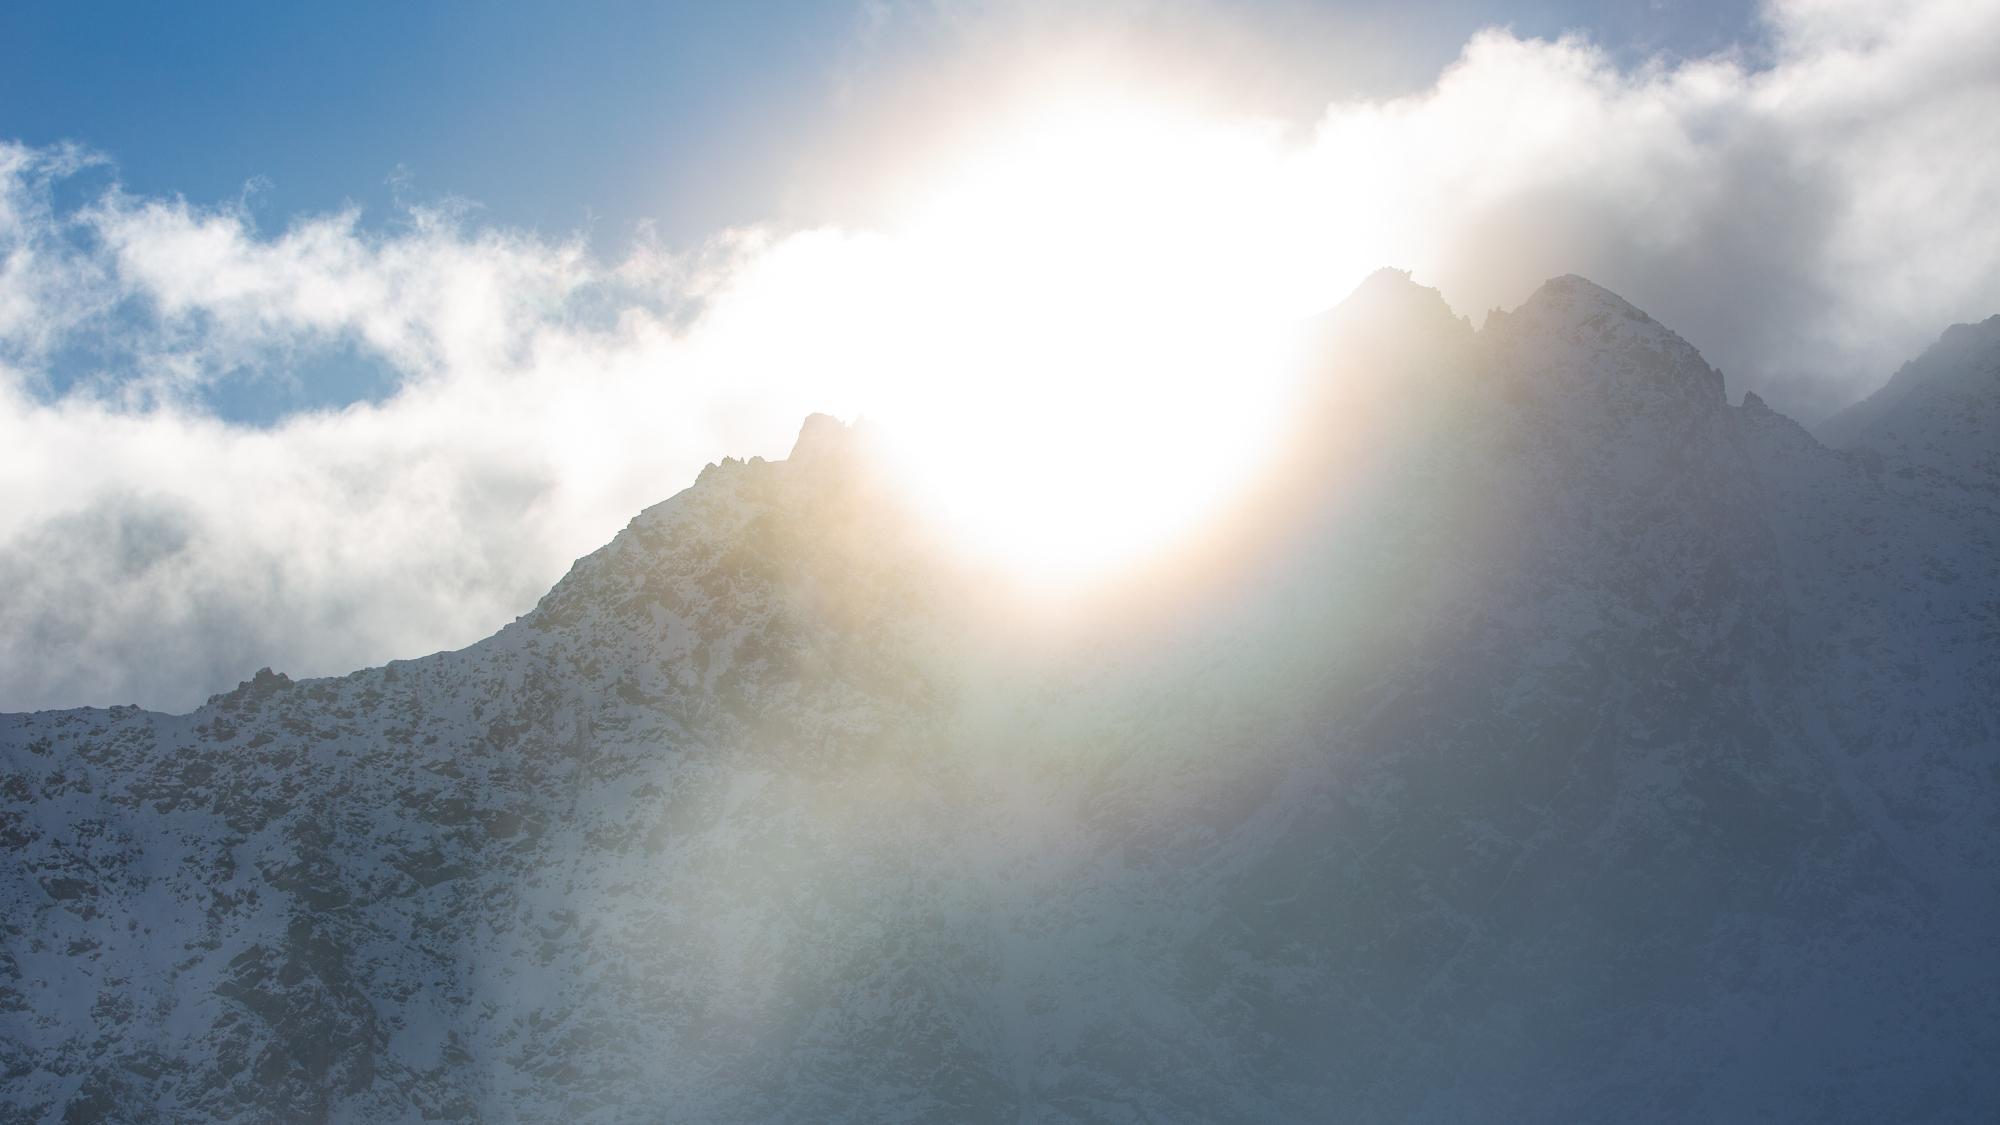 Nach dem Neuschnee kam die Sonne